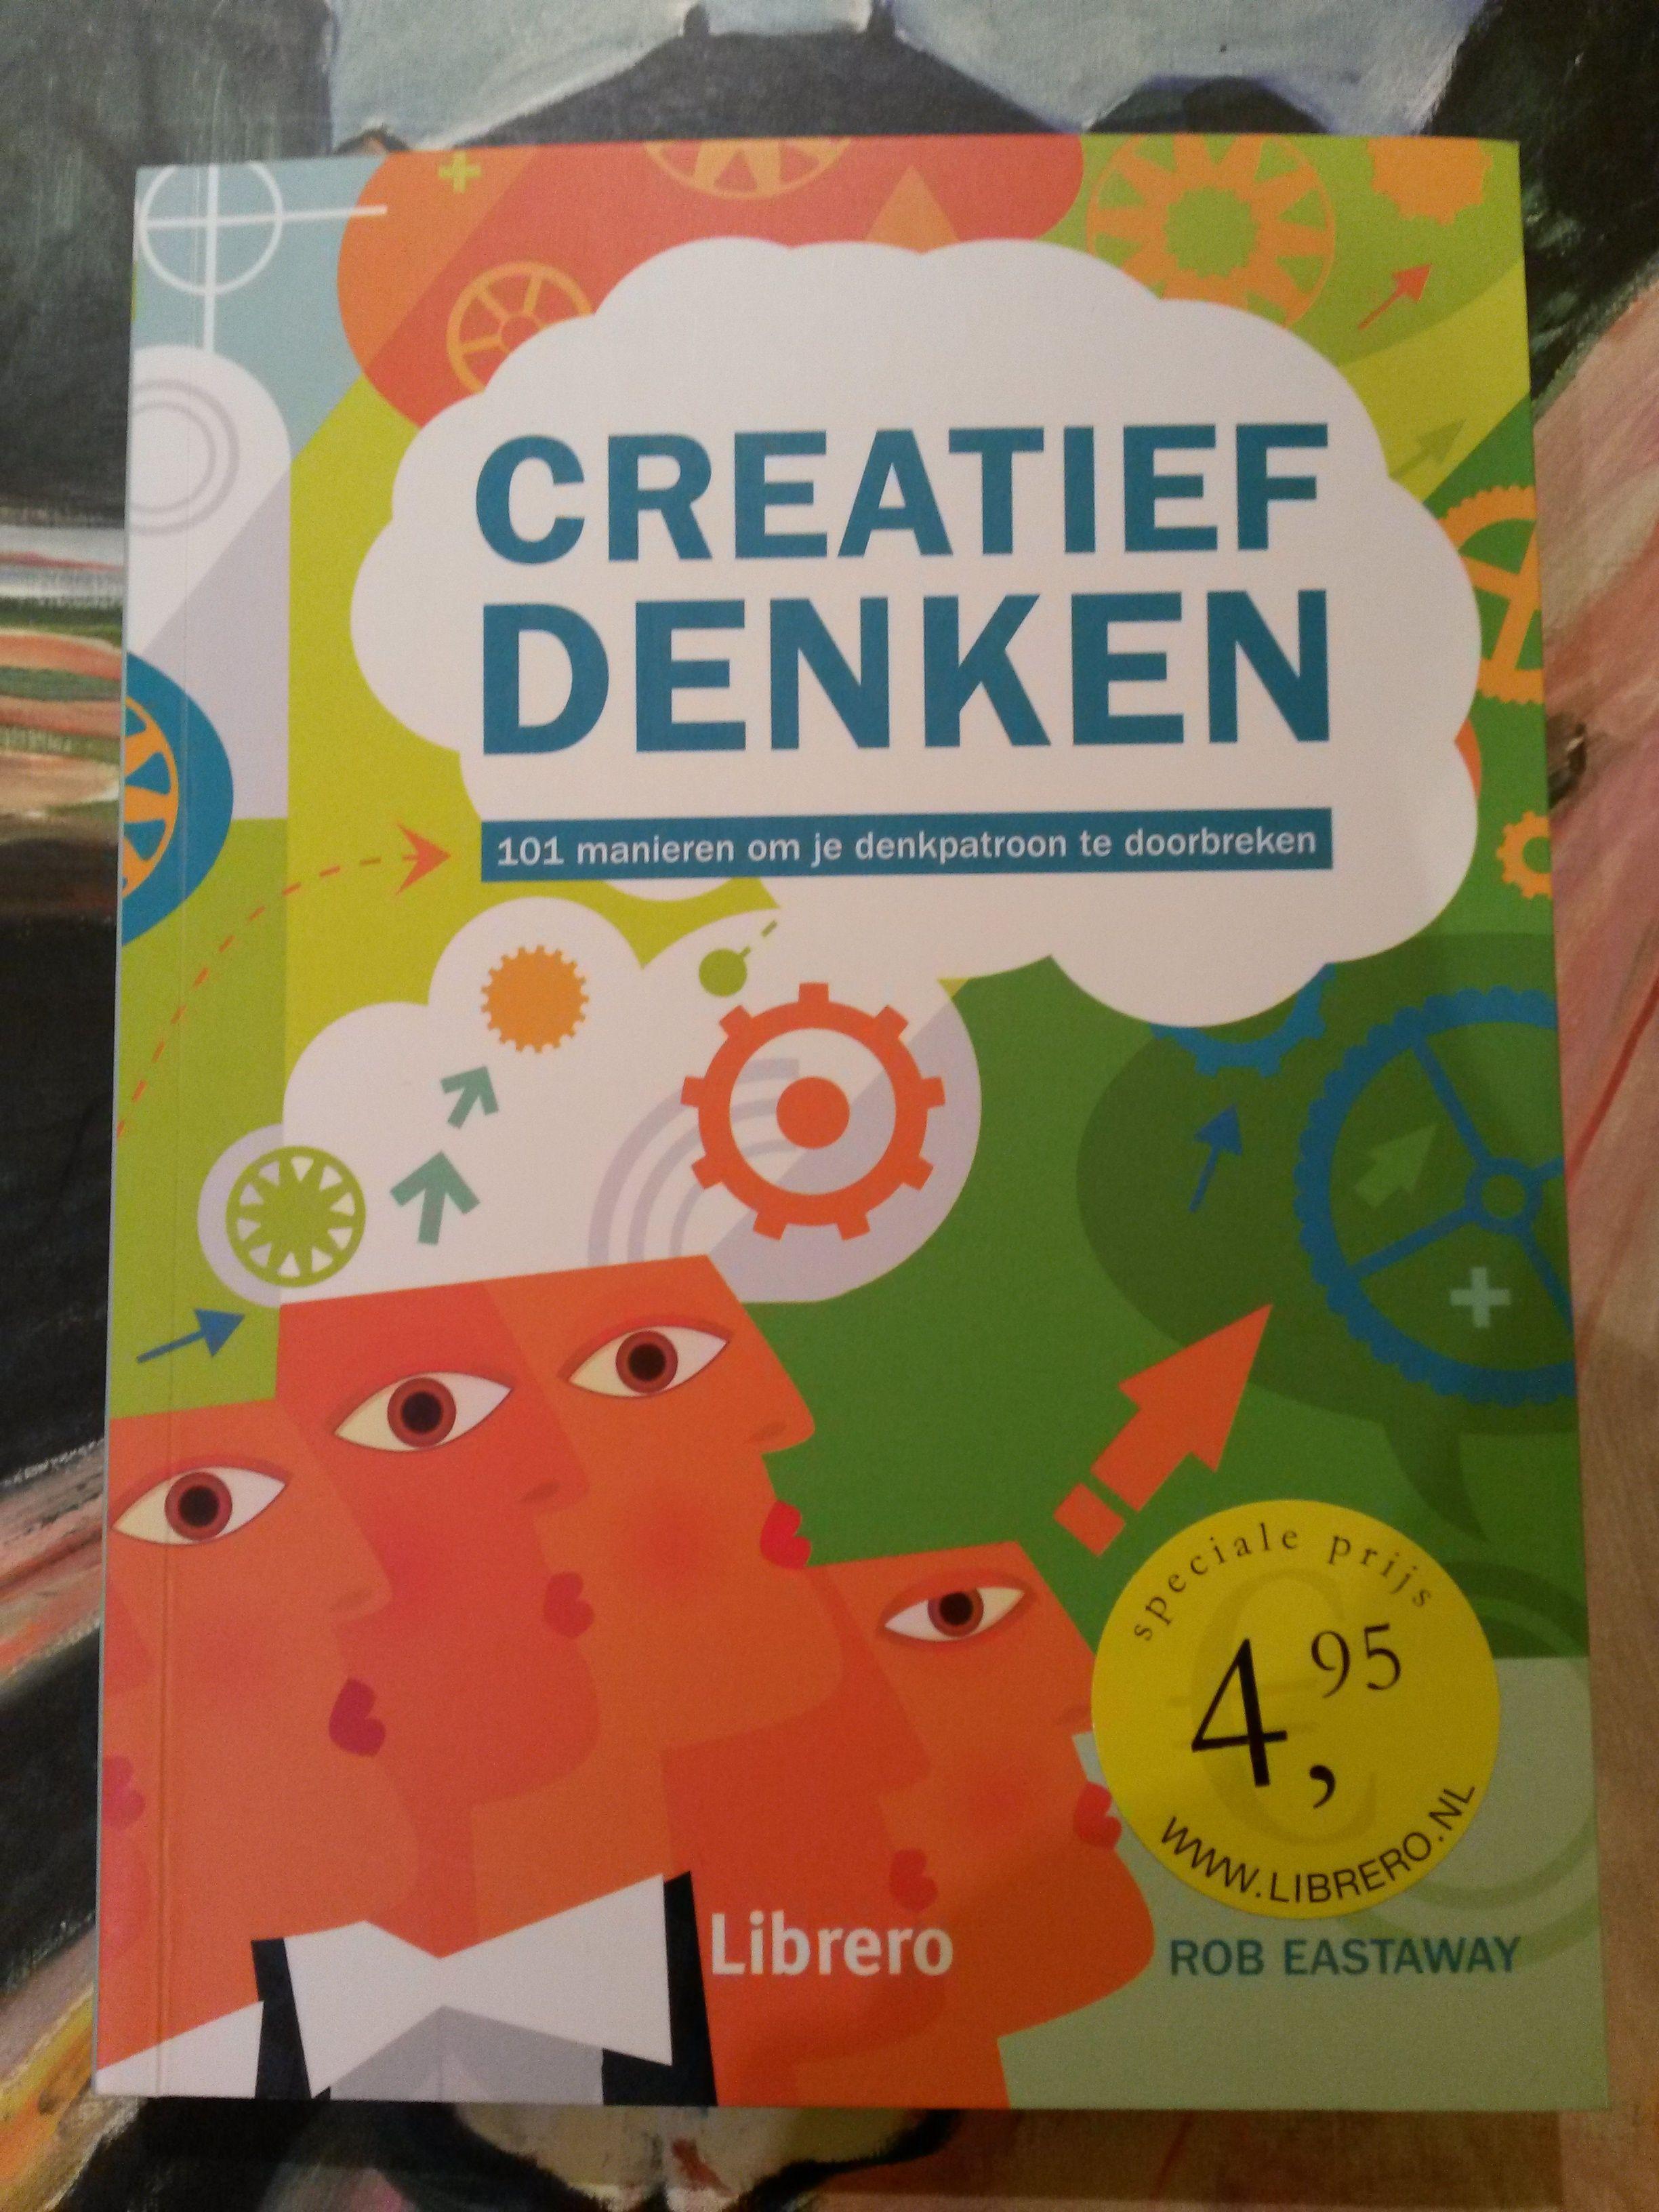 Creatief denken boekje